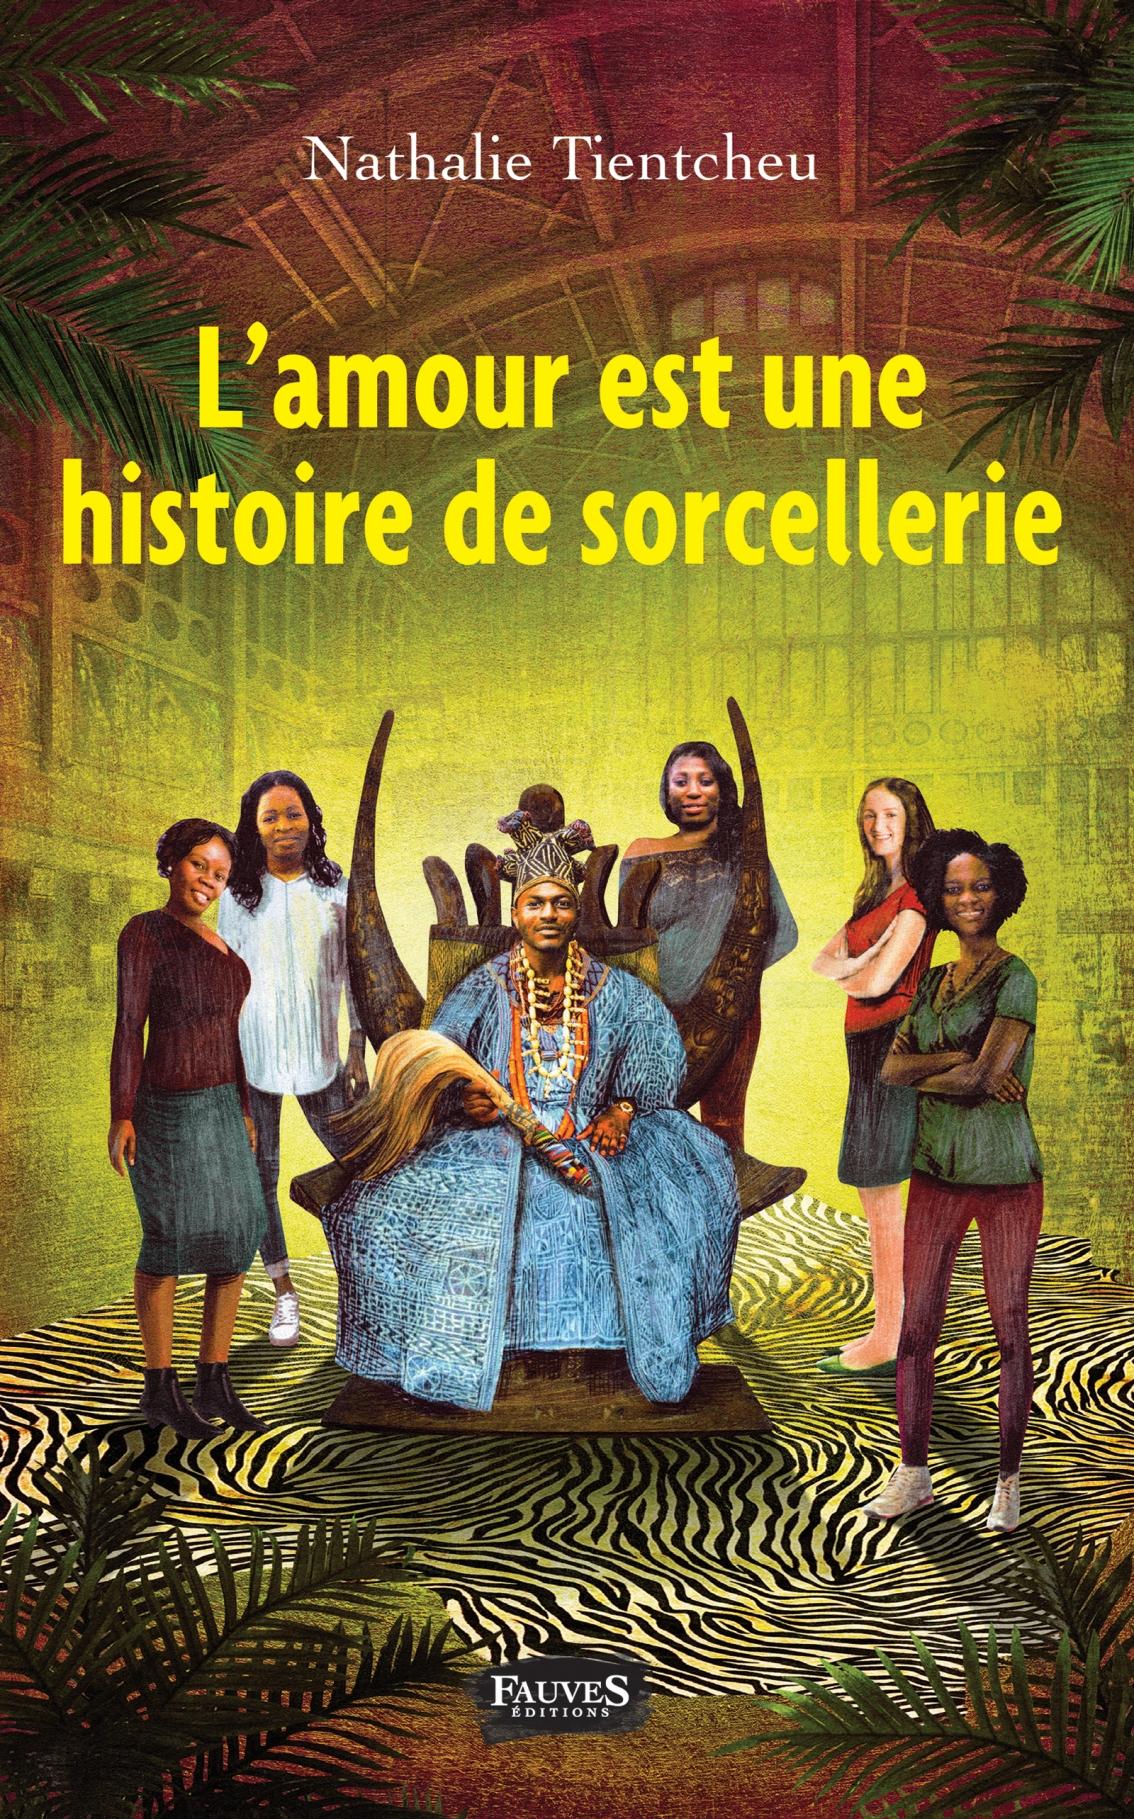 L'amour est une histoire de sorcellerie – Nathalie Tientcheu –2018